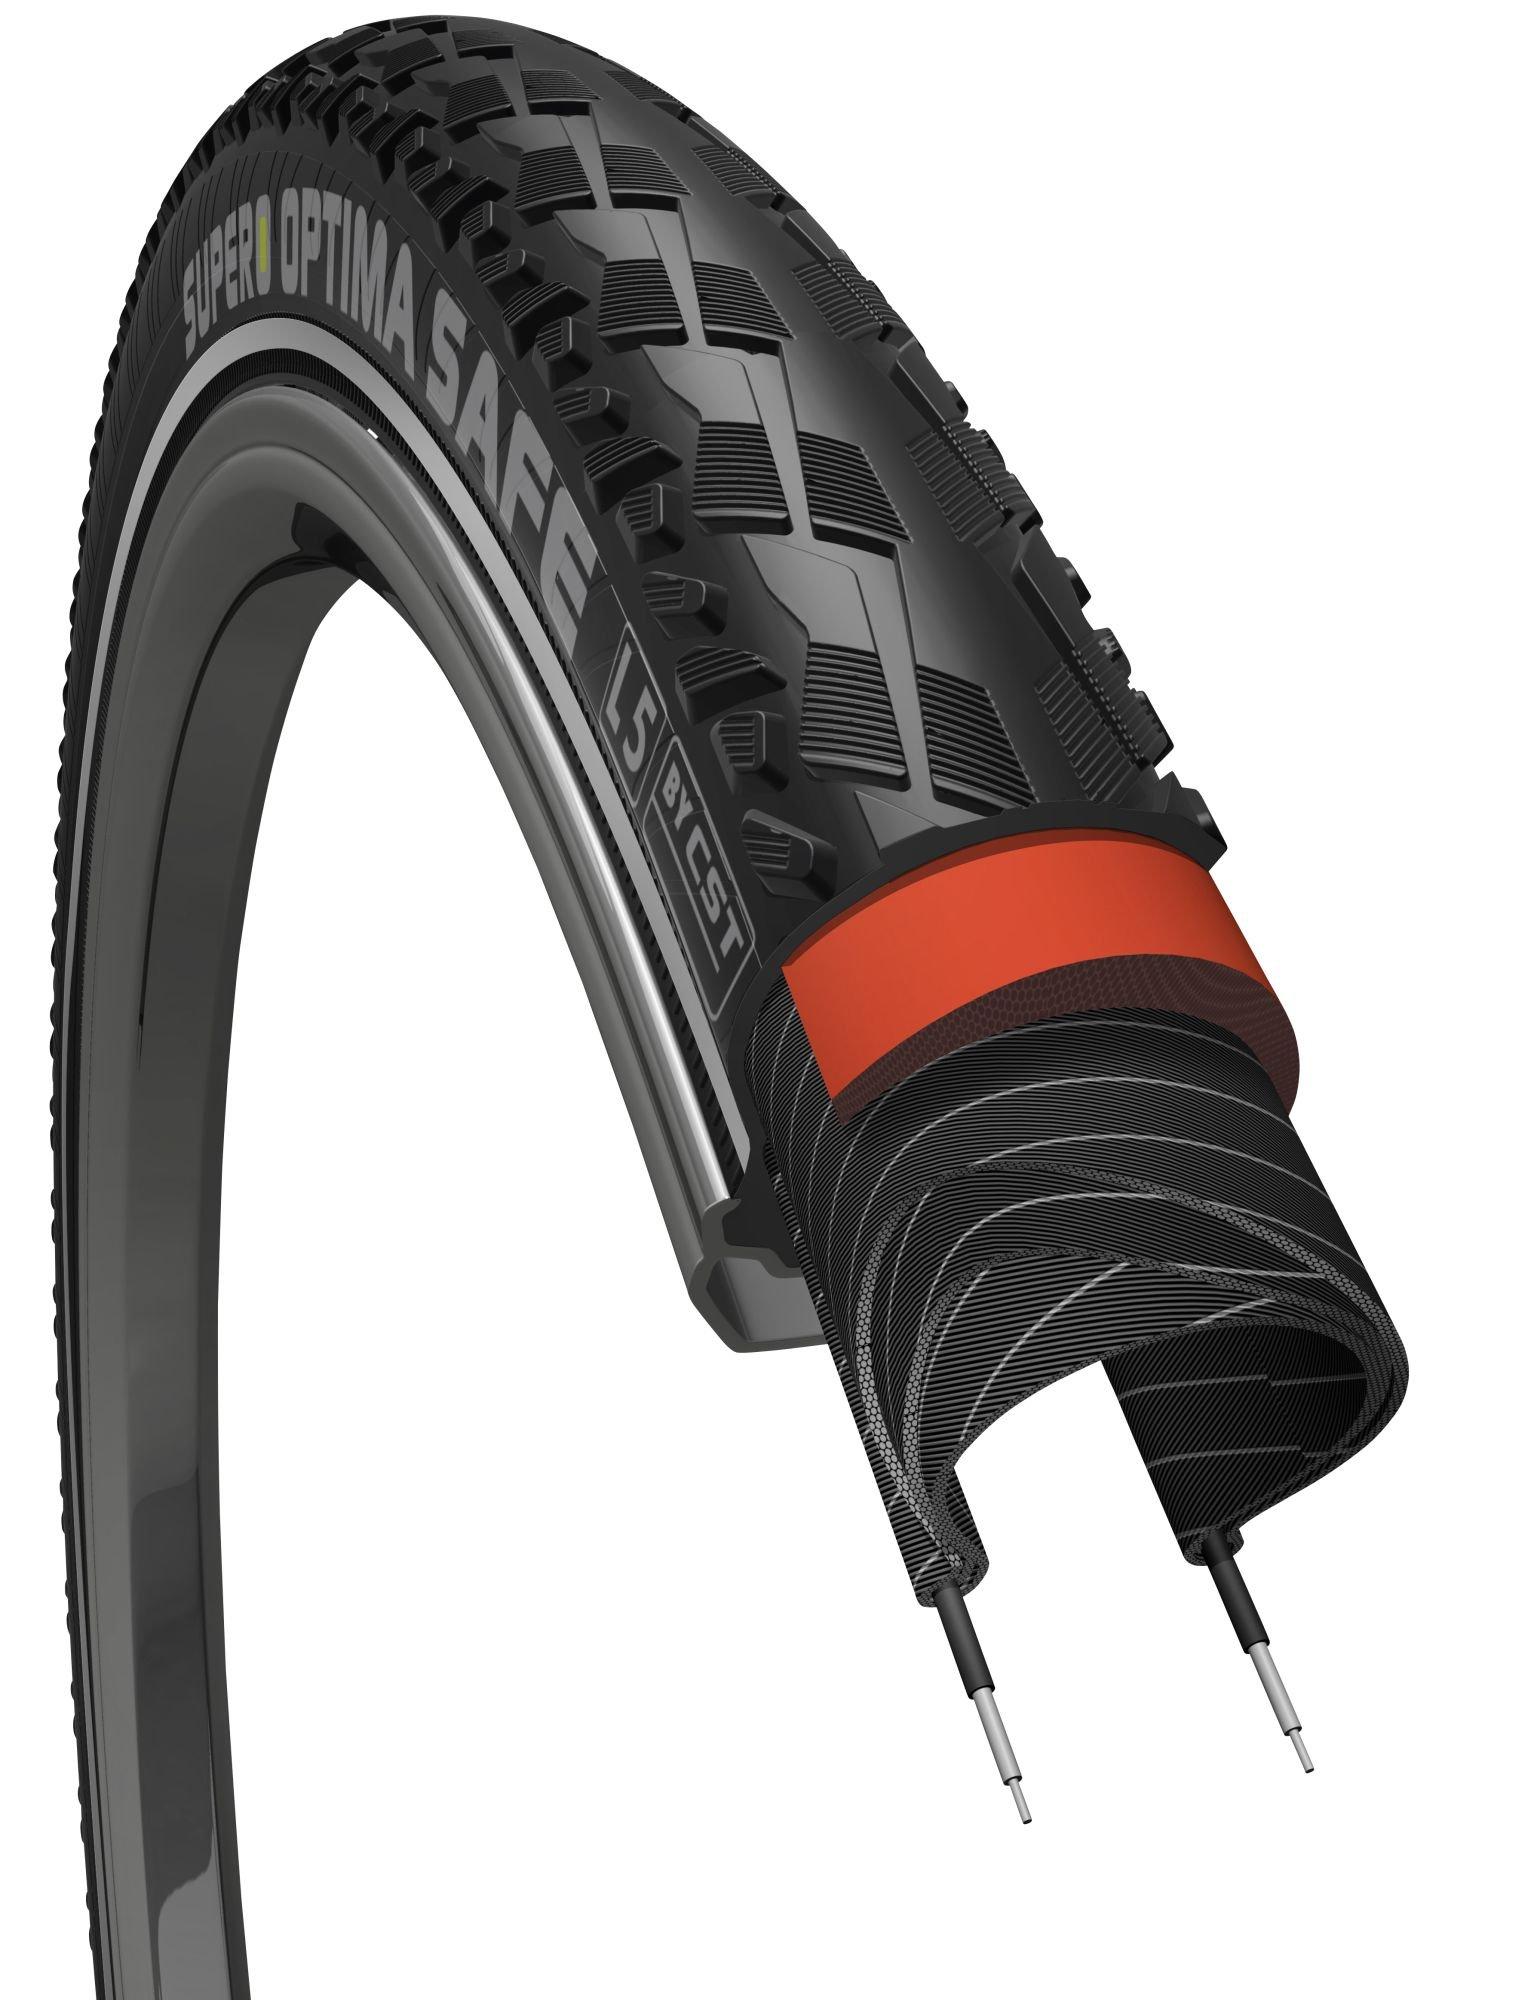 E-Bikes/Bereifung: Supero  E-Bike - Reifen - Drahtreifen- C 3031 - 28 Zoll OPTIMA SAFE (47-622)